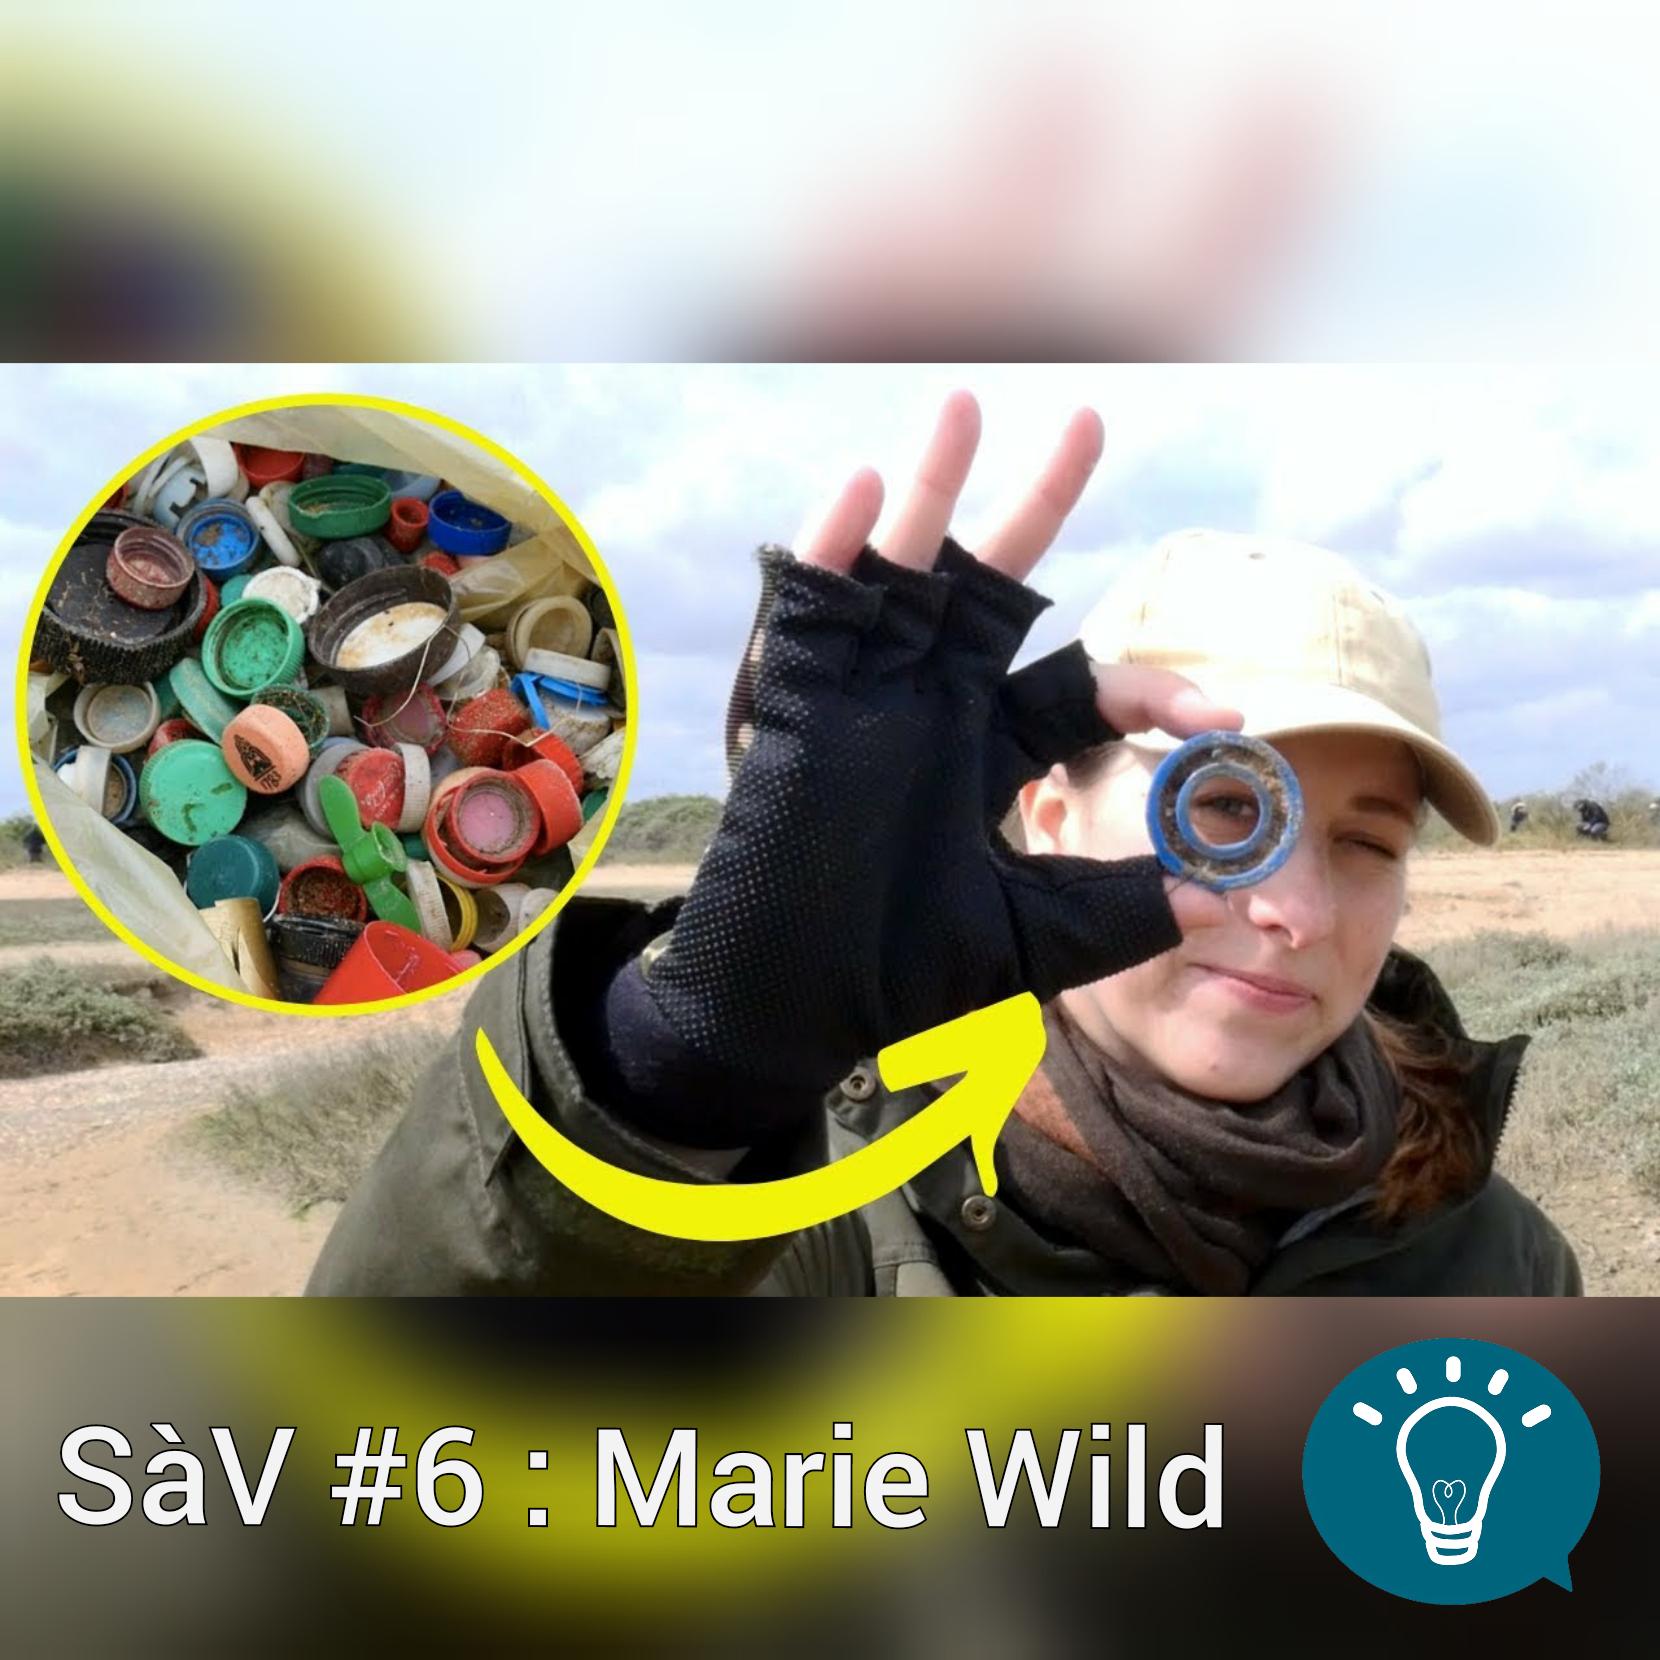 Science à voir #6 : Marie Wild